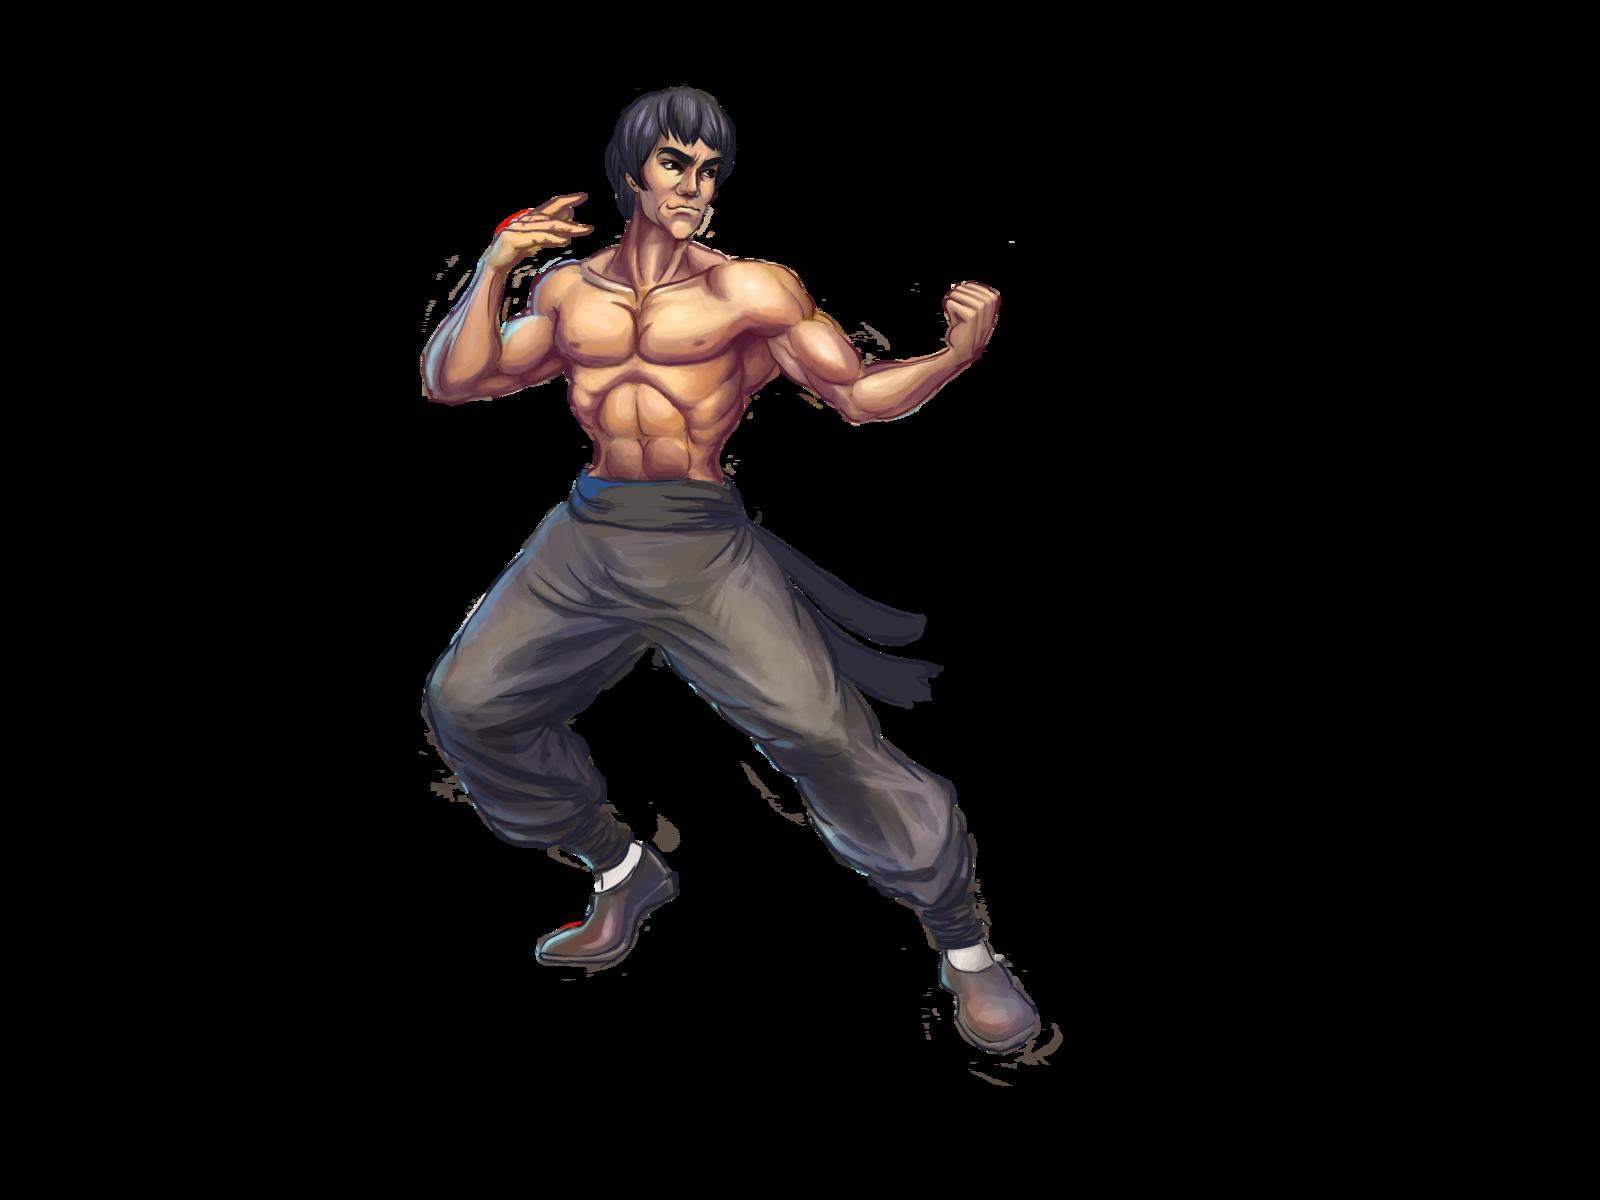 Bruce Lee PNG - 15363